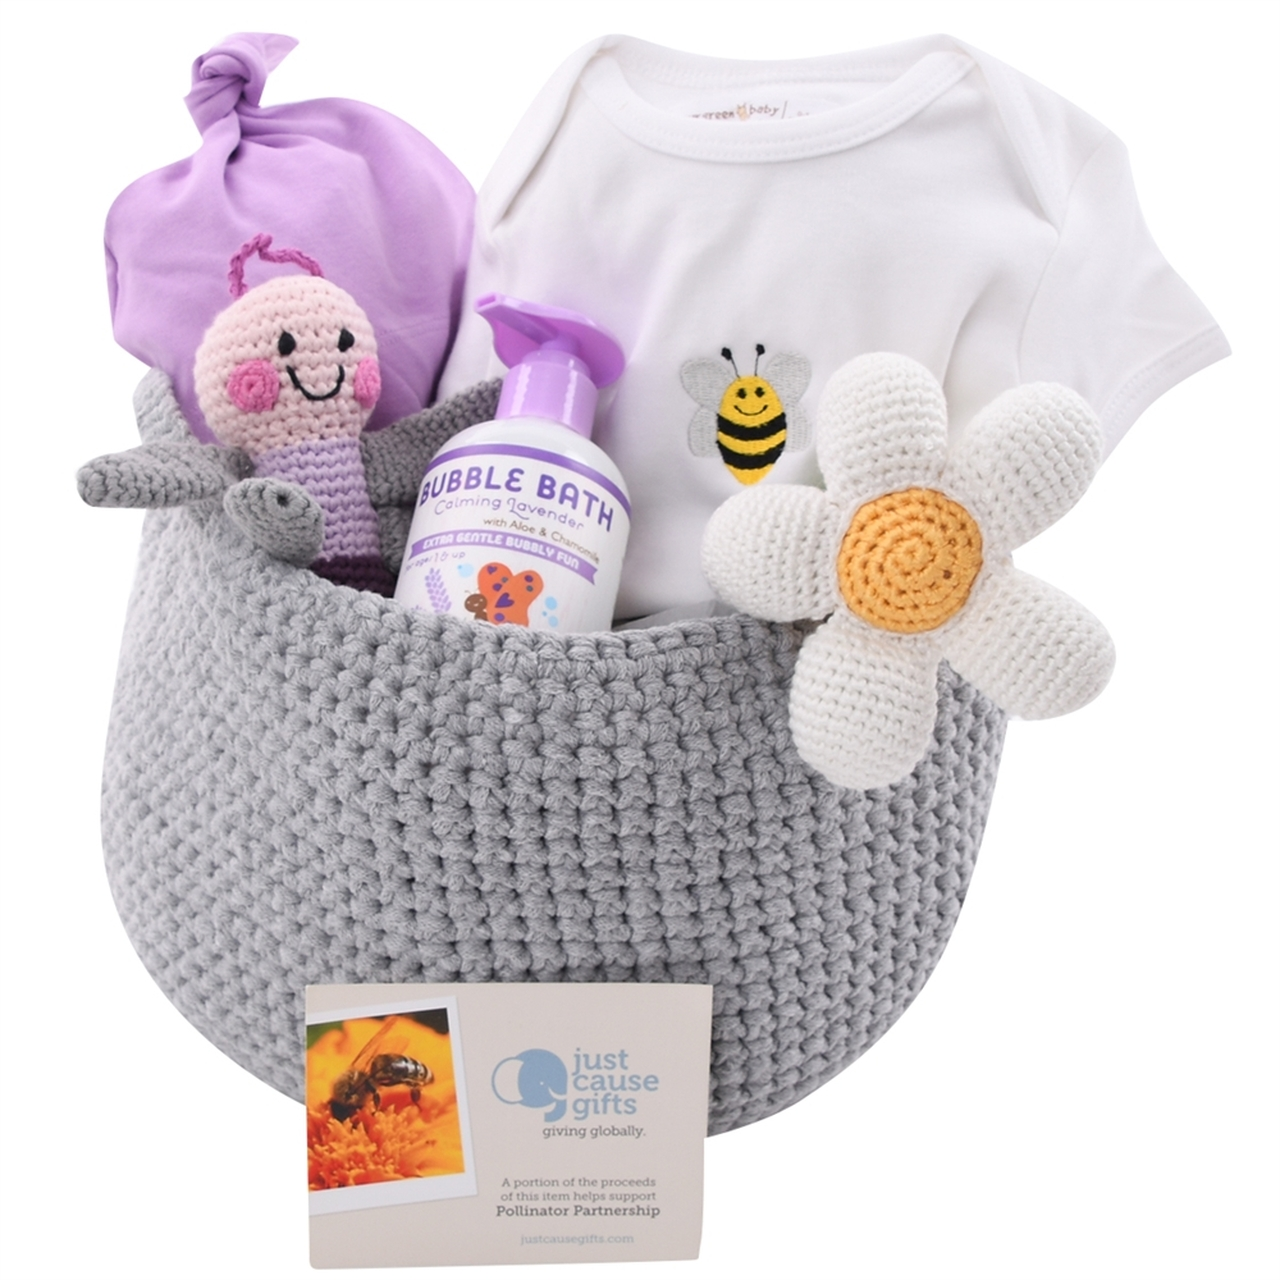 Baby Gift Basket - Bug's Life